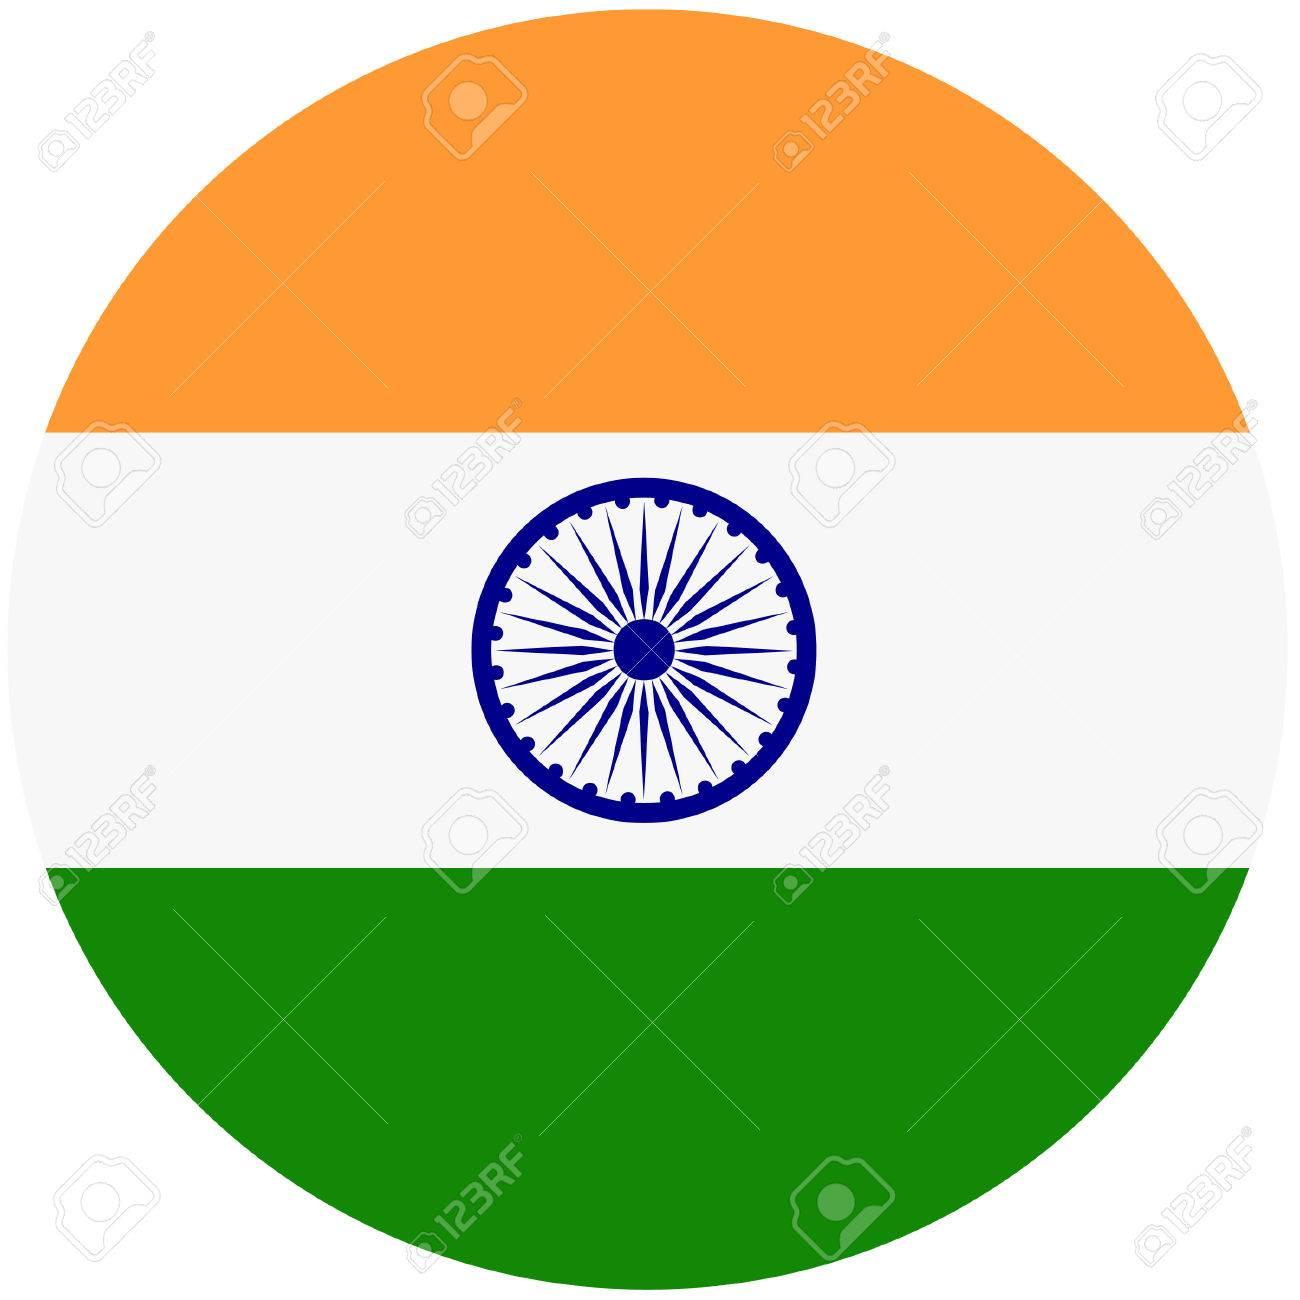 Contemporáneo Colorear Bandera De La India Adorno - Dibujos de ...